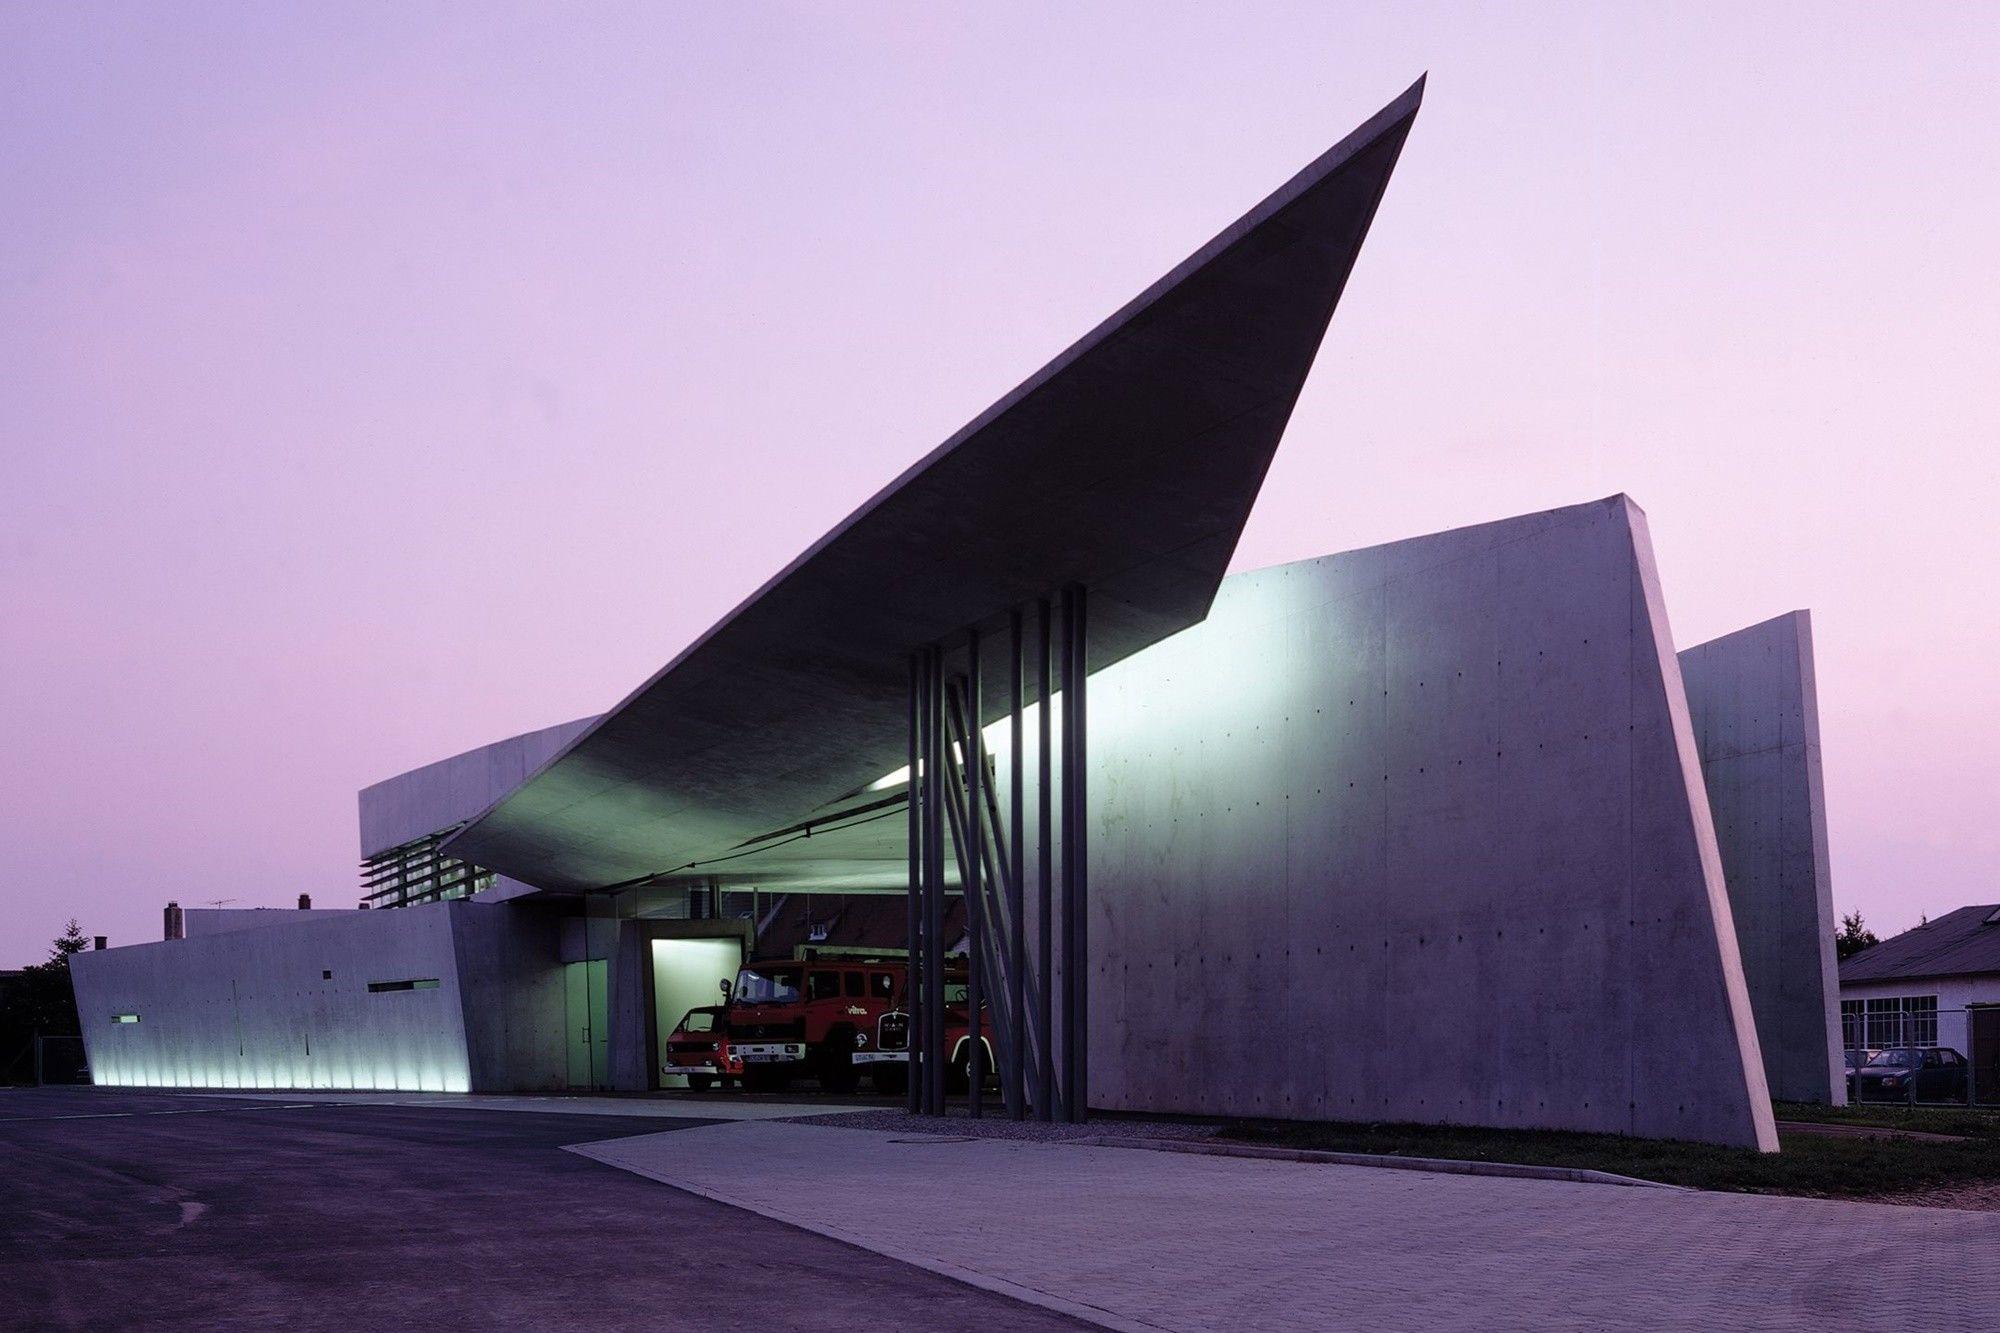 14 Karya Zaha Hadid, Arsitek Perempuan Pertama yang Raih Penghargaan Pritzker